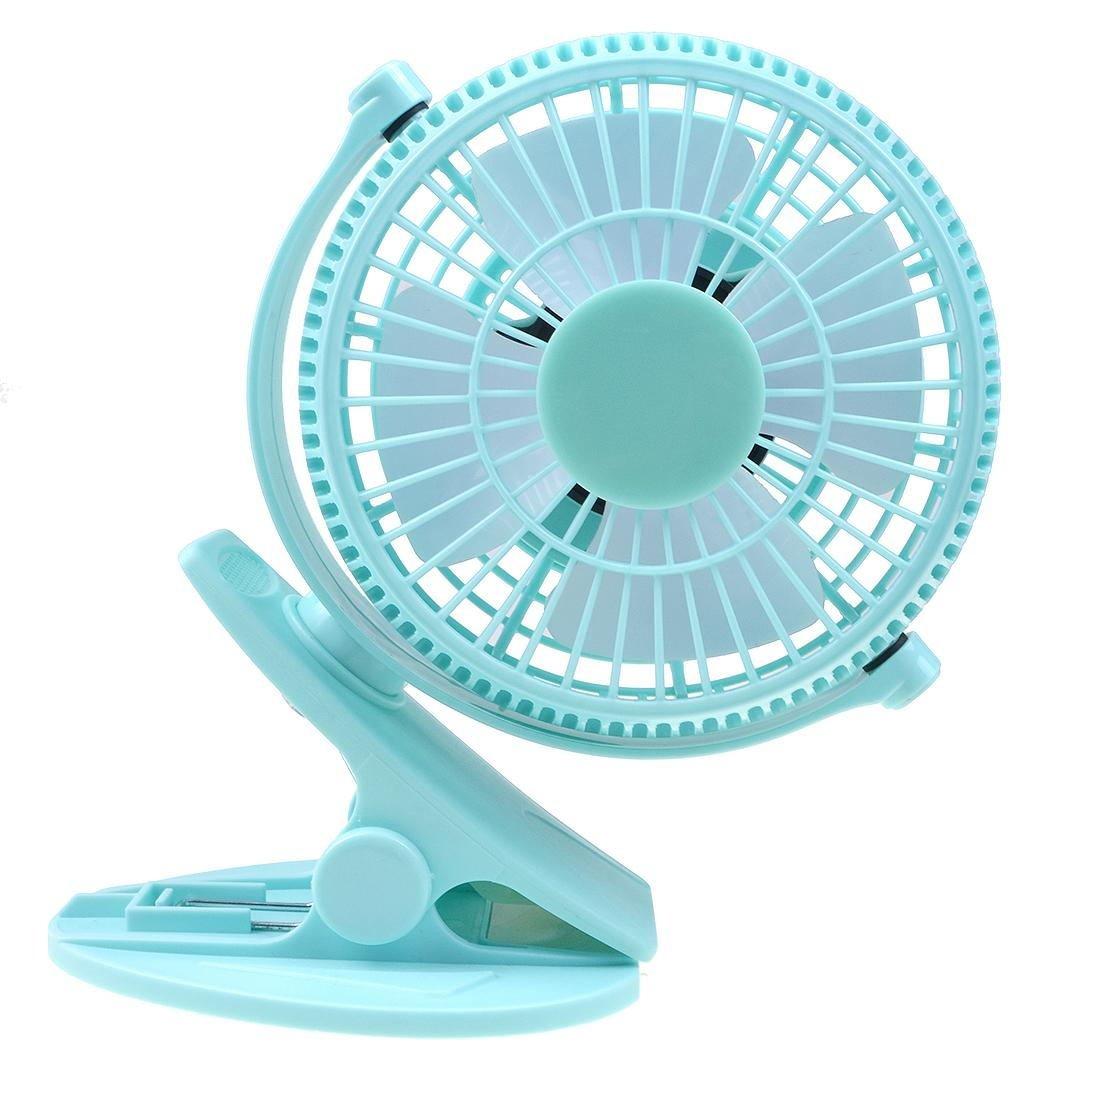 Lileng 835 Desktop Fan For Chlidren Chargeable Fan Clip Base 2 Speeds Mini Portable Fan